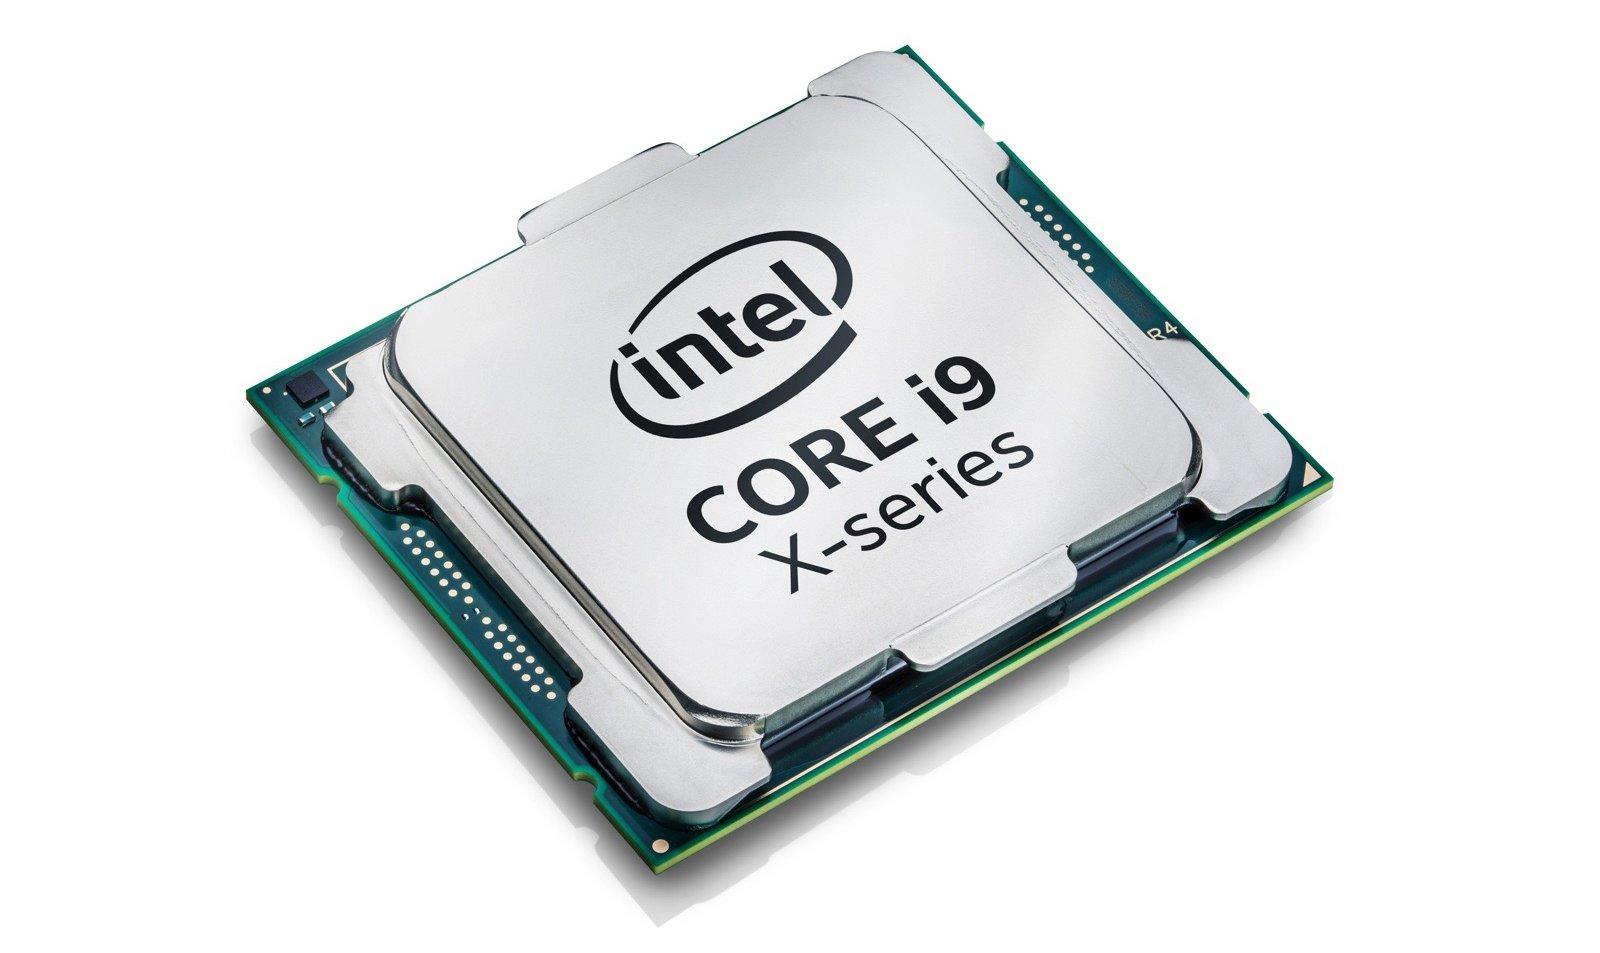 До конца текущего года Intel выпустит 28-ядерный процессор с рабочей частотой 5 ГГц